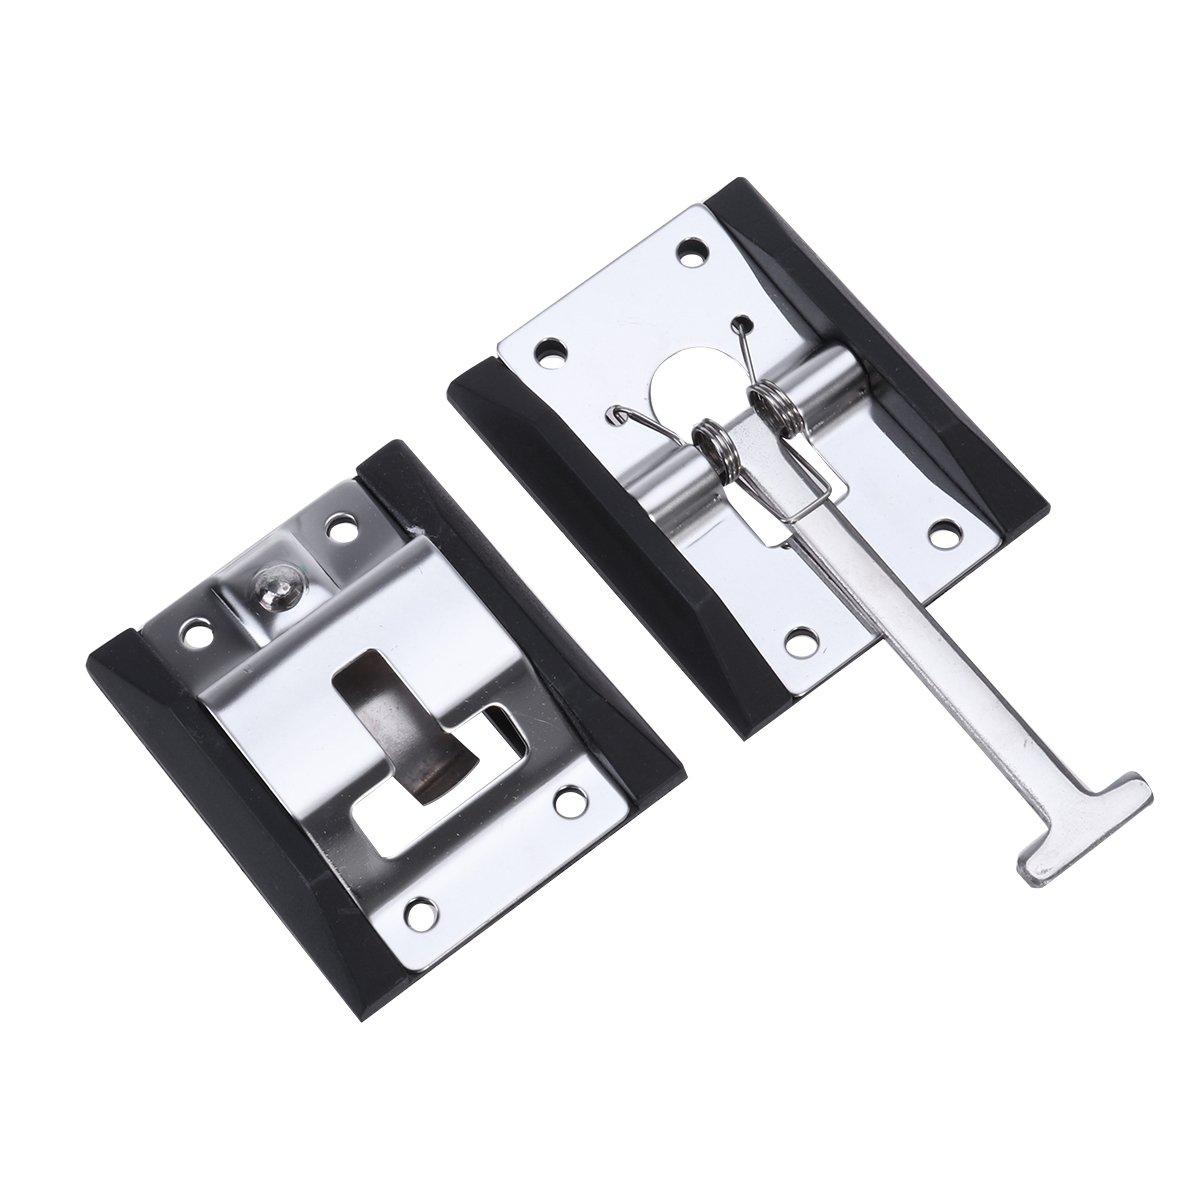 Support de trappe de porte d'entré e de style T de remorque de RV pour la remorque de campeur de RV VORCOOL NW0MB16IL5QCRFD0000Y1R